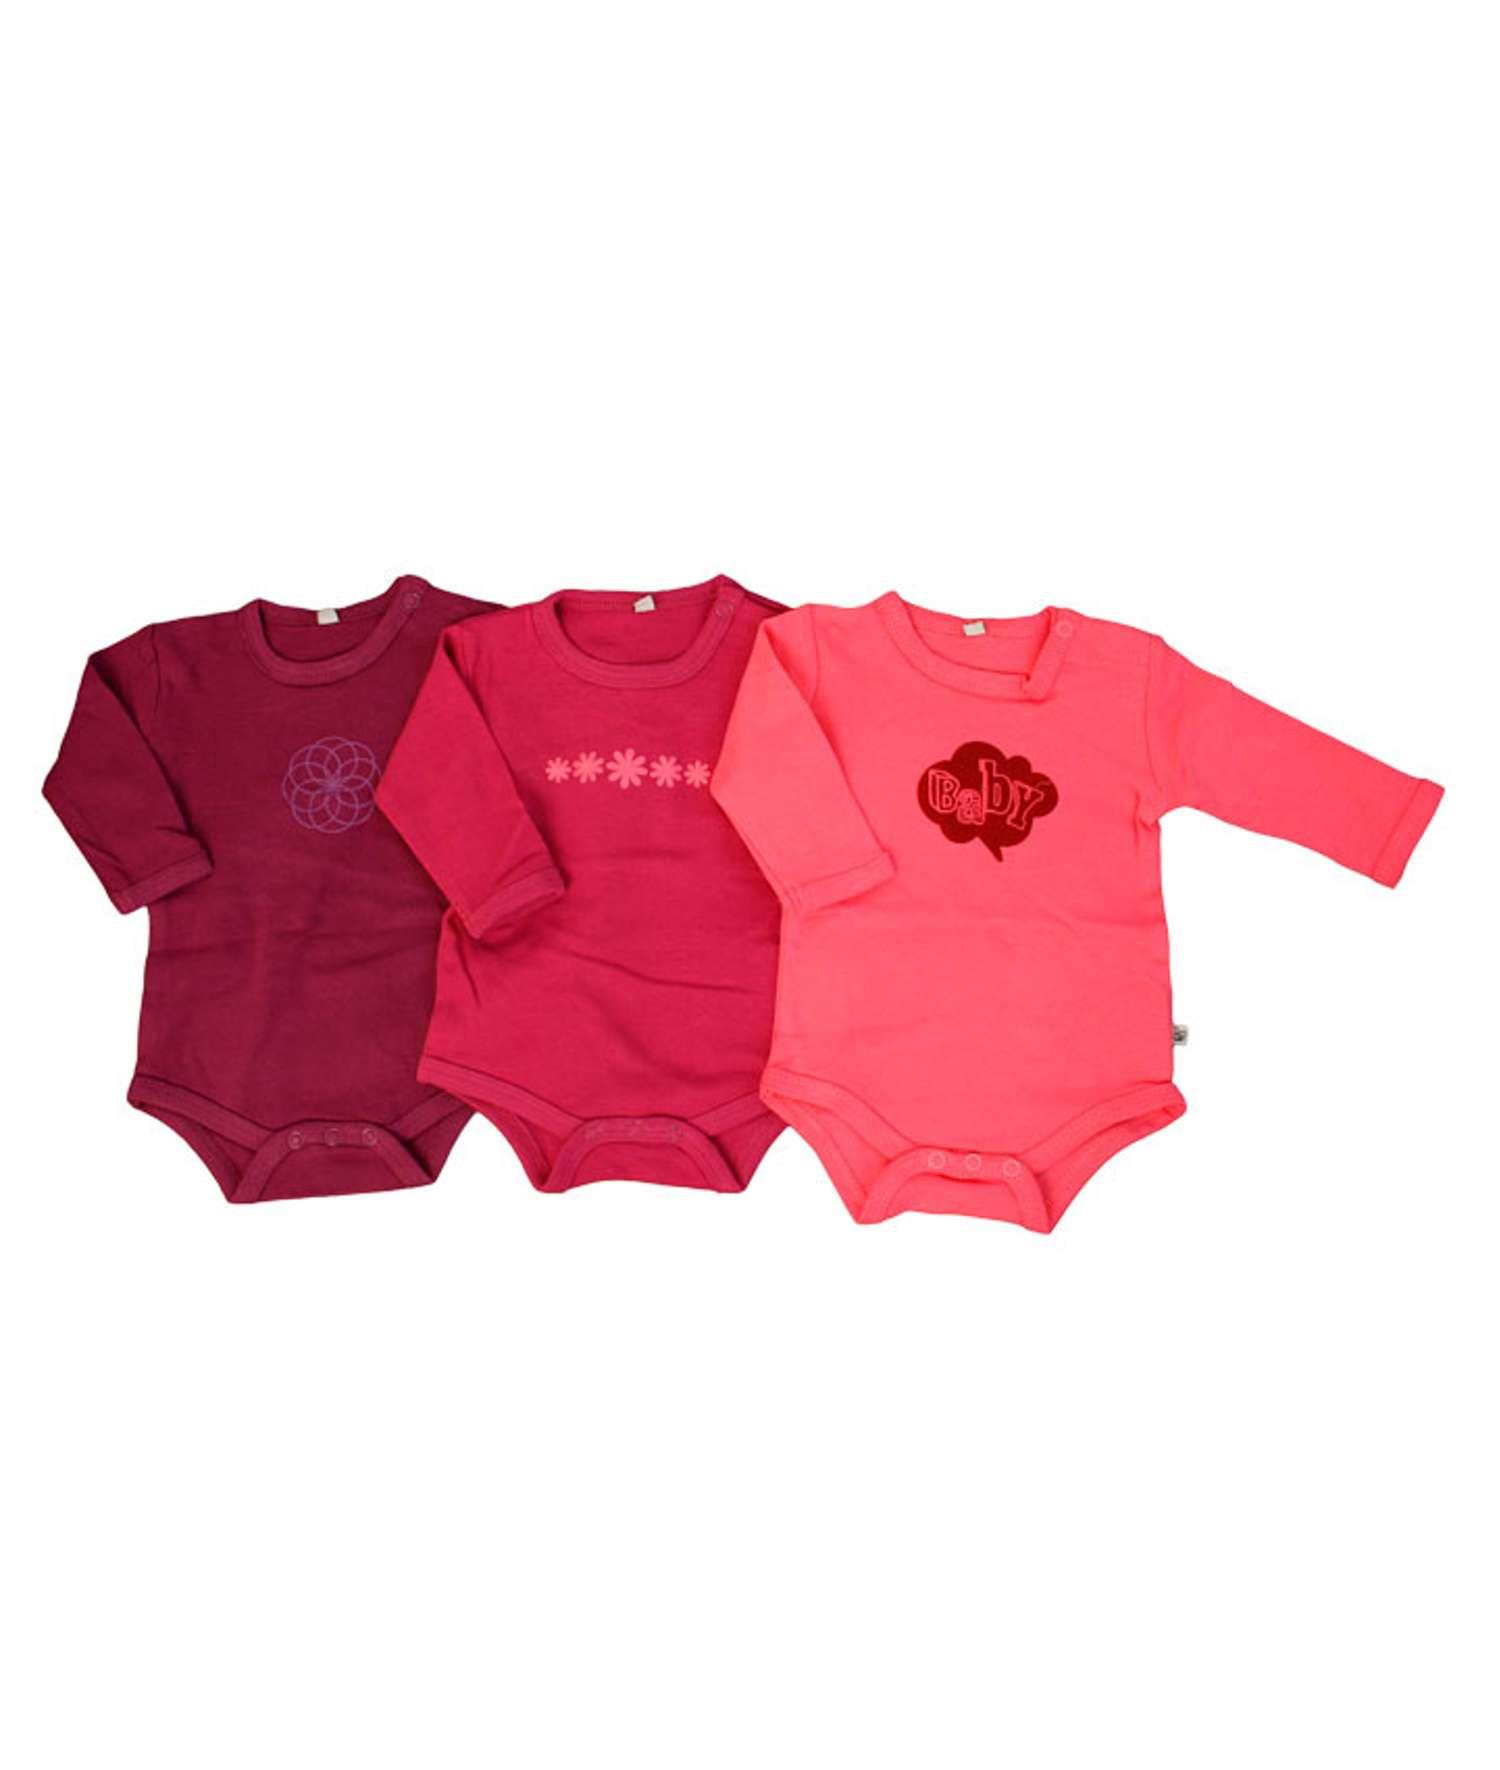 Pippi - Body langærmet - Pink - Størrelse 50